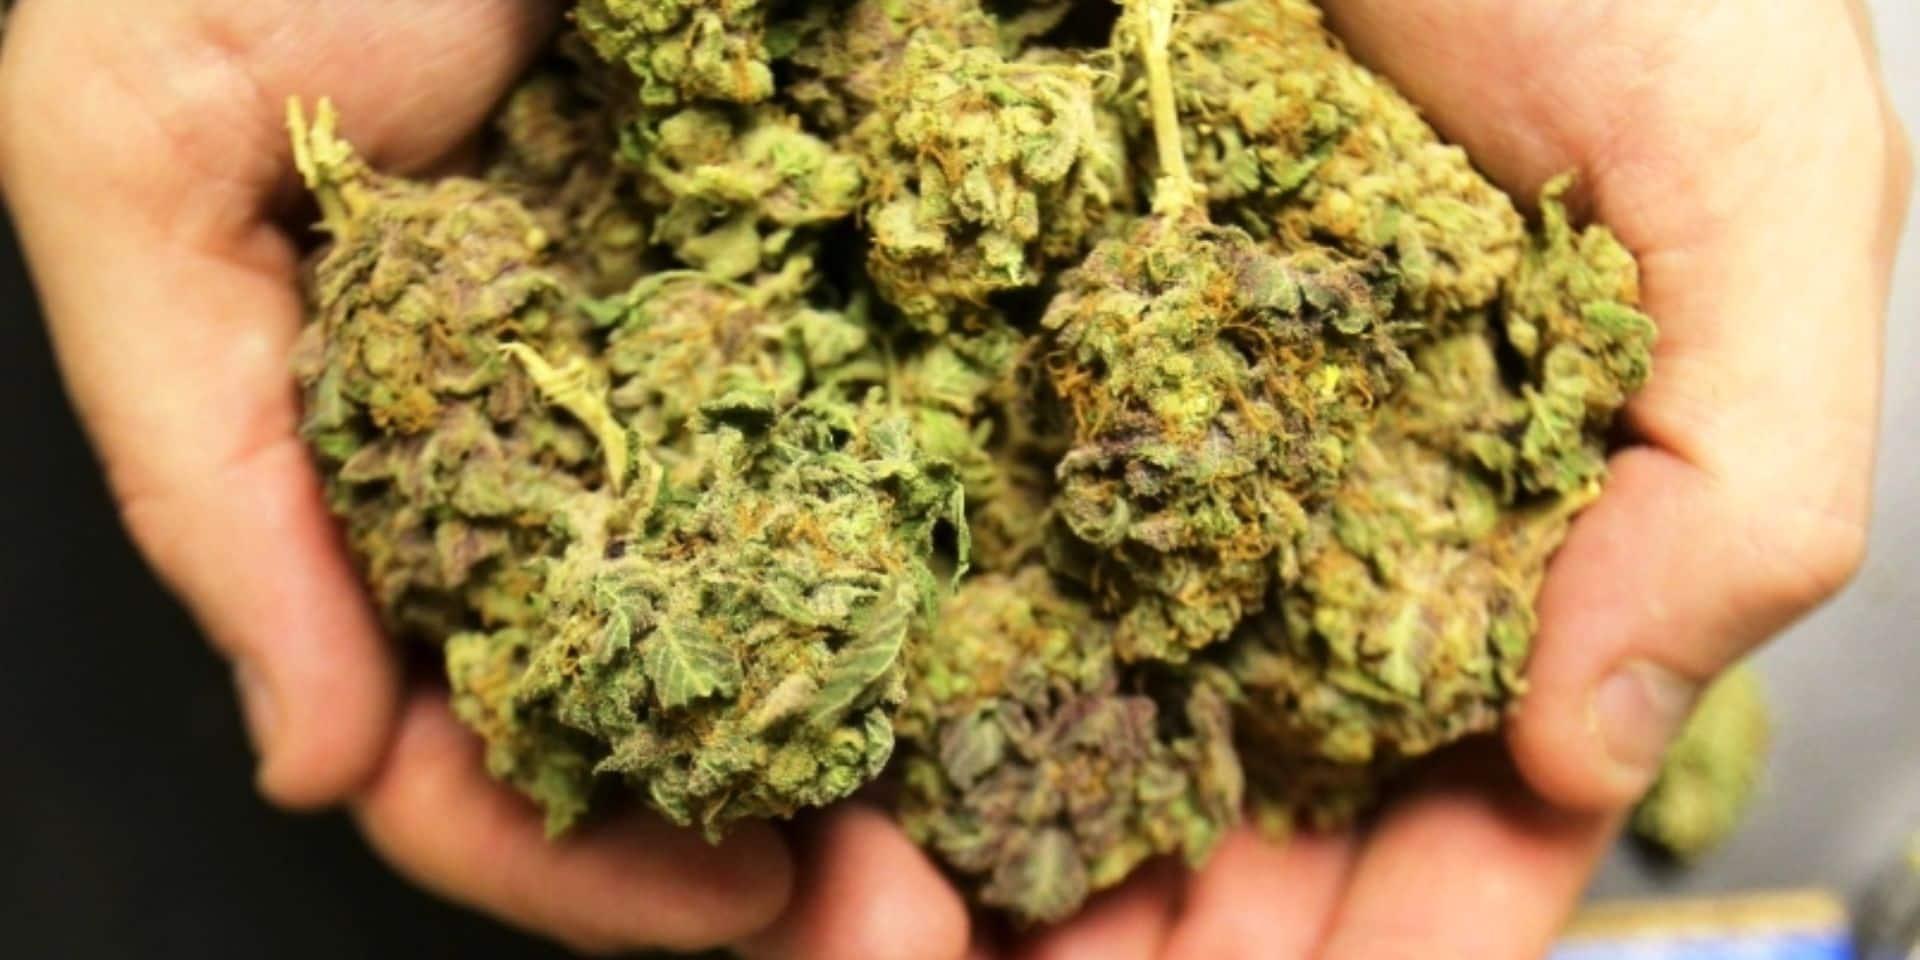 Saisie de 900 grammes de cannabis sur la E 411 : trois suspects privés de liberté